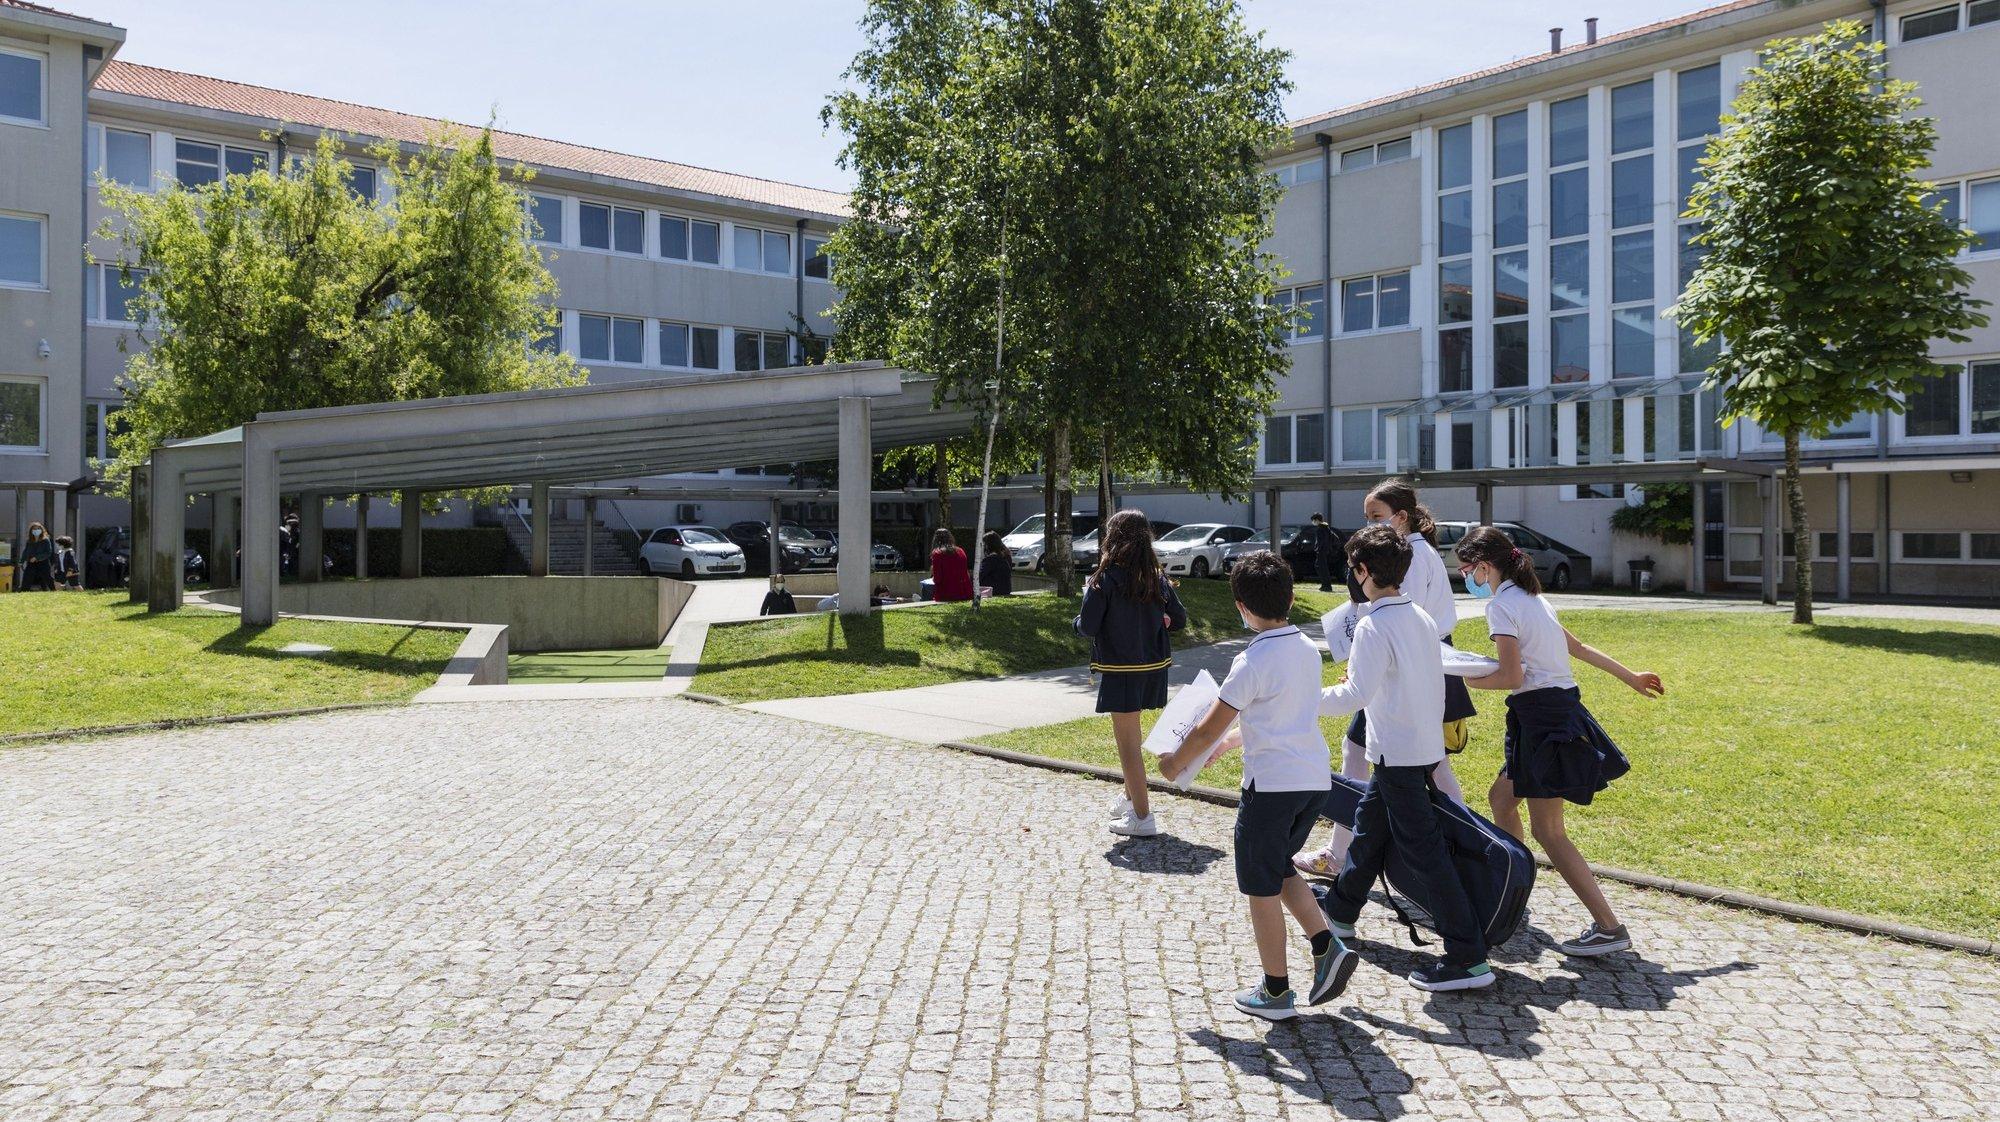 """Os alunos caminham nas instalações do Colégio do Rosário, no Porto, 19 de maio de 2021. Sem nenhuma """"receita"""" para o sucesso além de """"dedicação, trabalho e rigor"""", o Colégio do Rosário, no Porto, volta a ser, num ano de inovação e de gestão de crise, a escola com melhores resultados nos exames do secundário. (ACOMPANHA TEXTO DA LUSA DO DIA 21 DE MAIO DE 2021) JOSÉ COELHO/LUSA"""